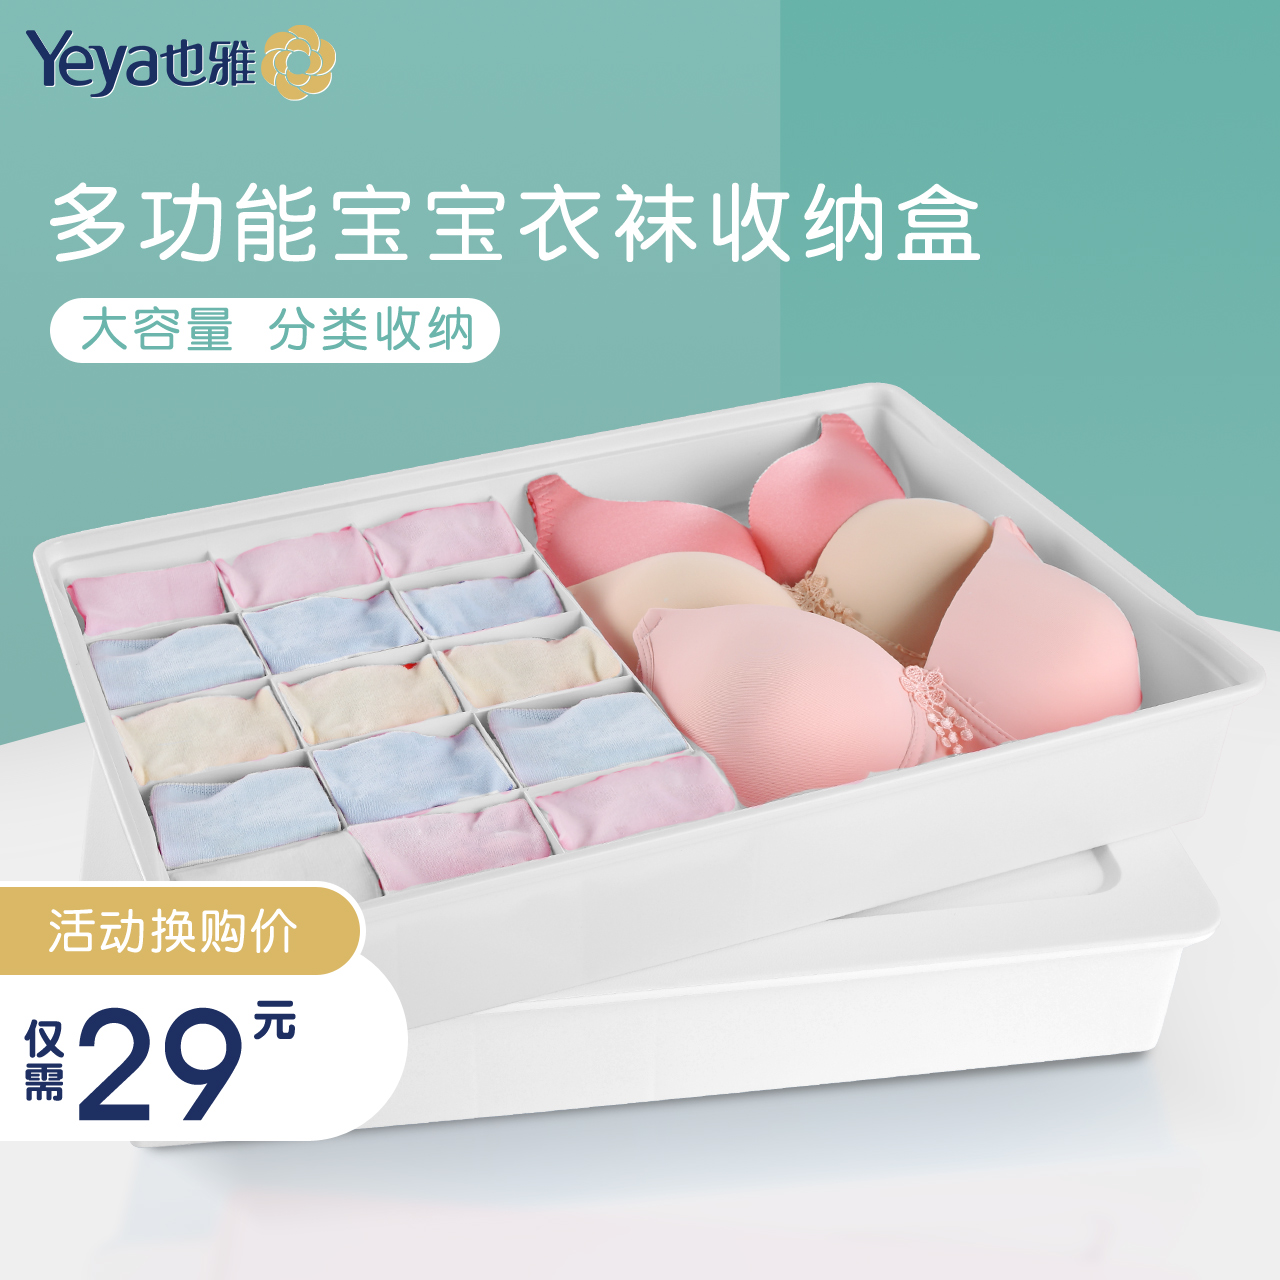 券后29.00元yeya也雅多功能袜子内裤内衣收纳盒